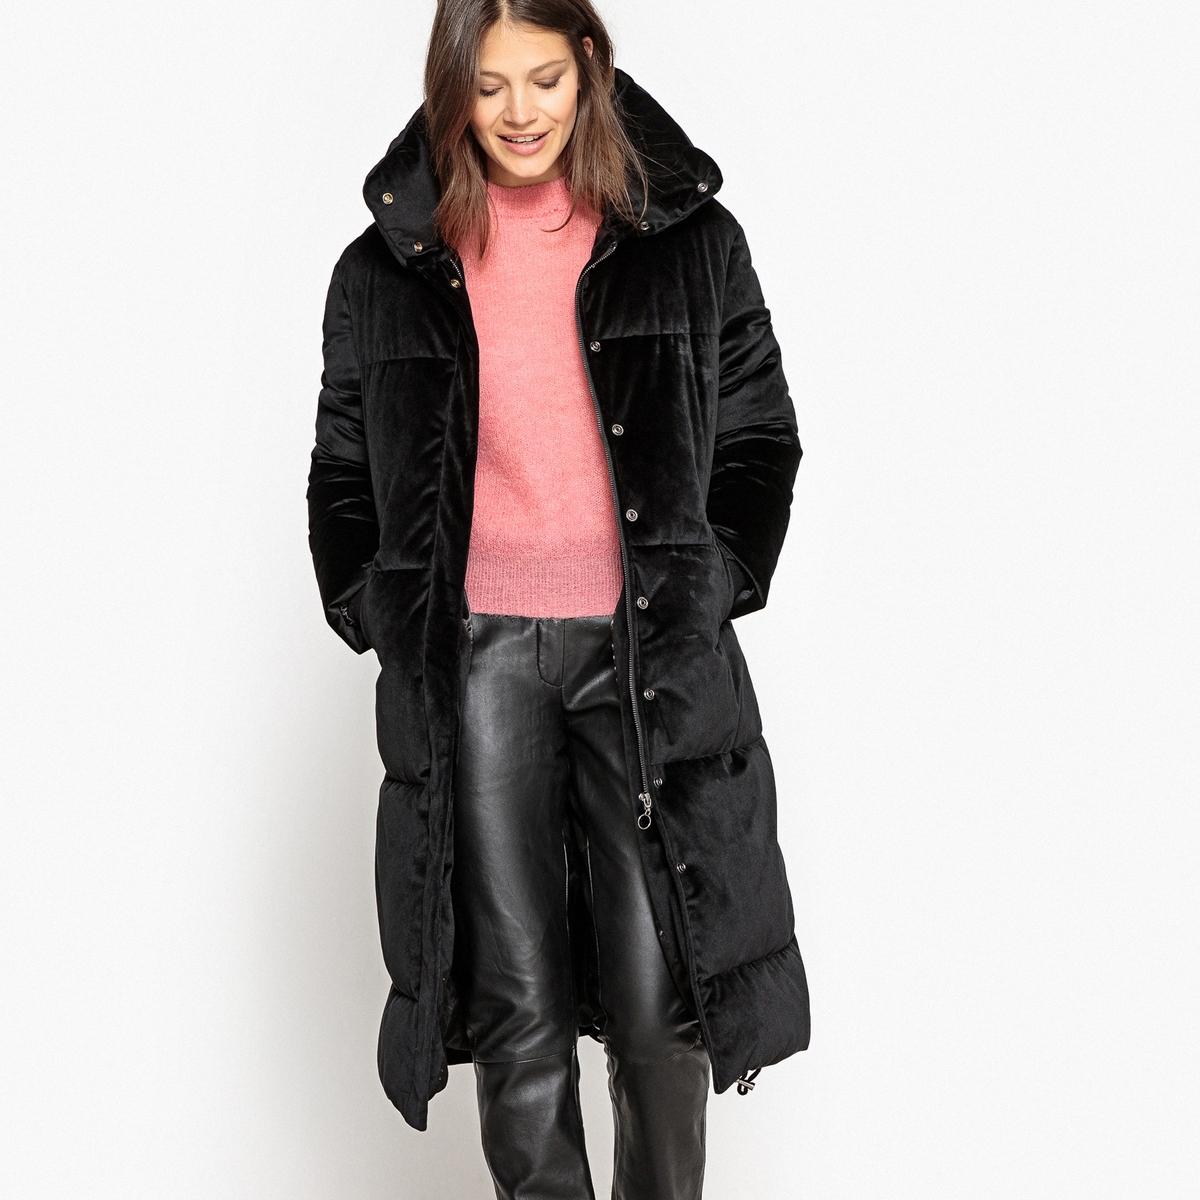 Куртка велюровая длиннаяОписание:Этой зимой велюр снова в моде . Вам будет приятно укутаться в эту стеганую куртку из велюра. Стильная куртка, которая вам сразу придется по вкусу !Детали •  Длина  : удлиненная модель •  Воротник-стойка •  Застежка на молниюСостав и уход •  100% полиэстер •  Подкладка : 100% полиэстер •  Наполнитель : 100% полиэстер •  Следуйте советам по уходу, указанным на этикетке •  Длина  : 110 см.<br><br>Цвет: черный<br>Размер: 34 (FR) - 40 (RUS).36 (FR) - 42 (RUS)